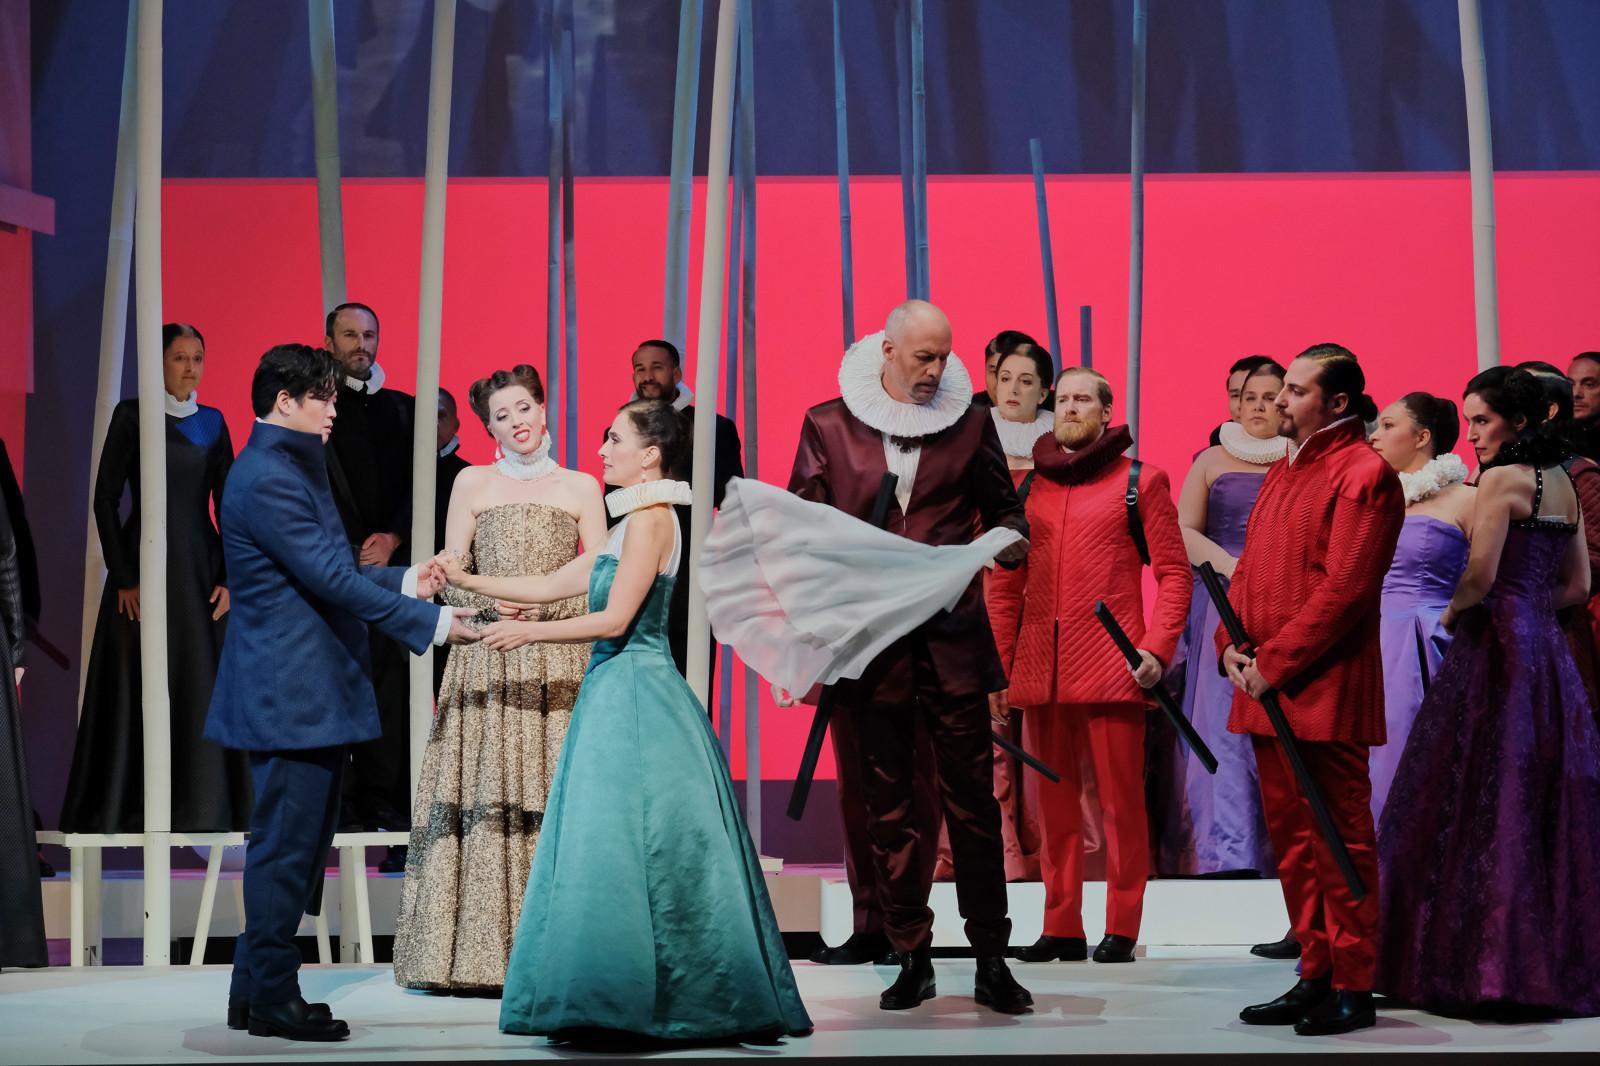 """""""Les Huguenots"""" : Yosep Kang (Raoul de Nangis), Lisette Oropesa (Marguerite de Valois), Ermonela Jaho (Valentine), Paul Gay (Le Comte de Saint-Bris), Florian Sempey (Le Comte de Nevers) / © Agathe Poupeney (OnP)"""